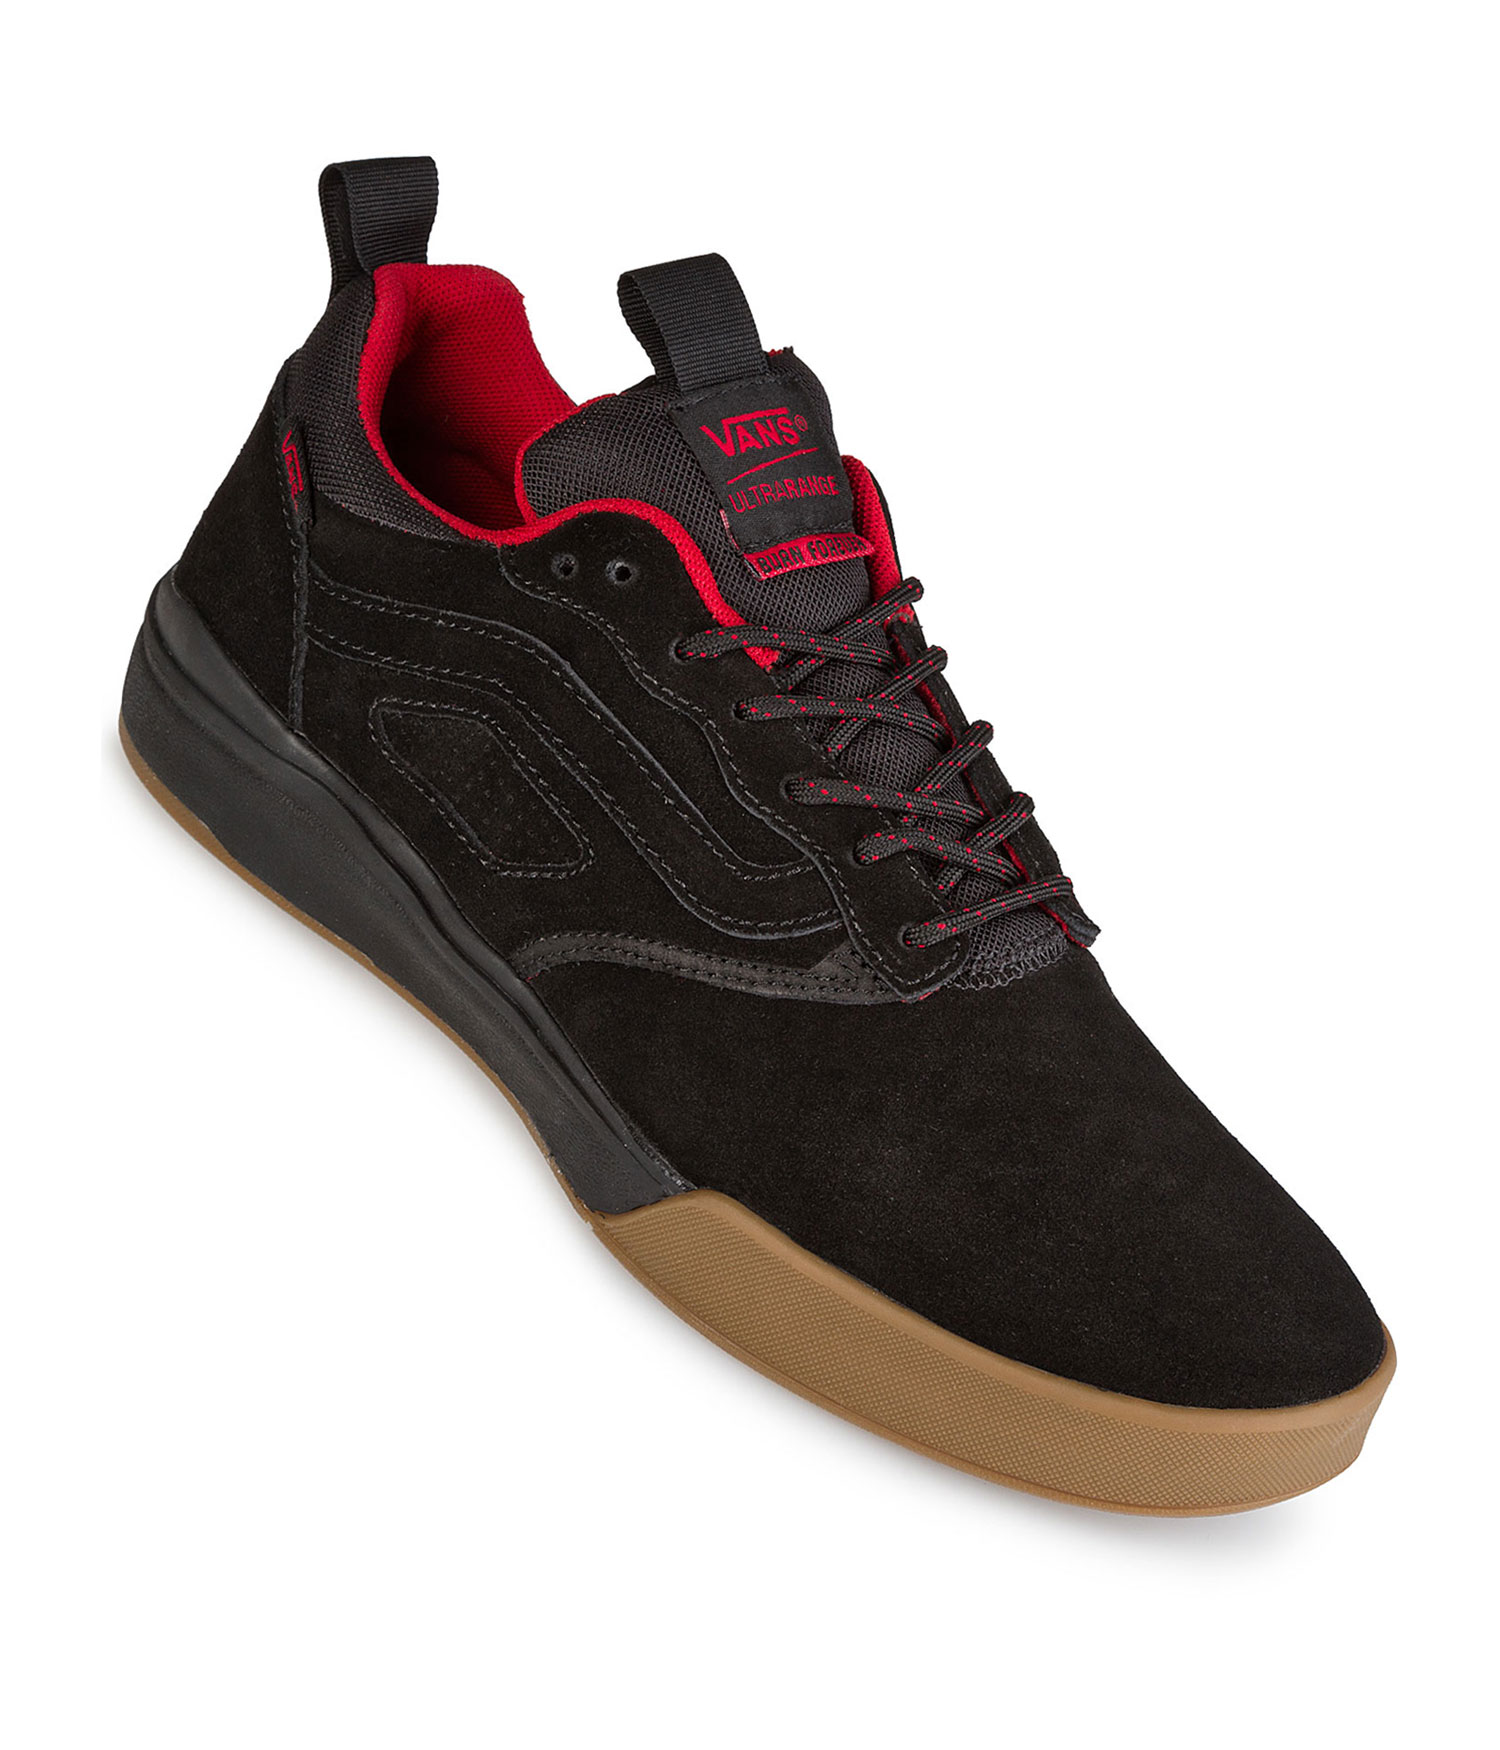 19f99dc5311cb1 Vans x Spitfire UltraRange Pro Cardiel Shoes (black) buy at skatedeluxe